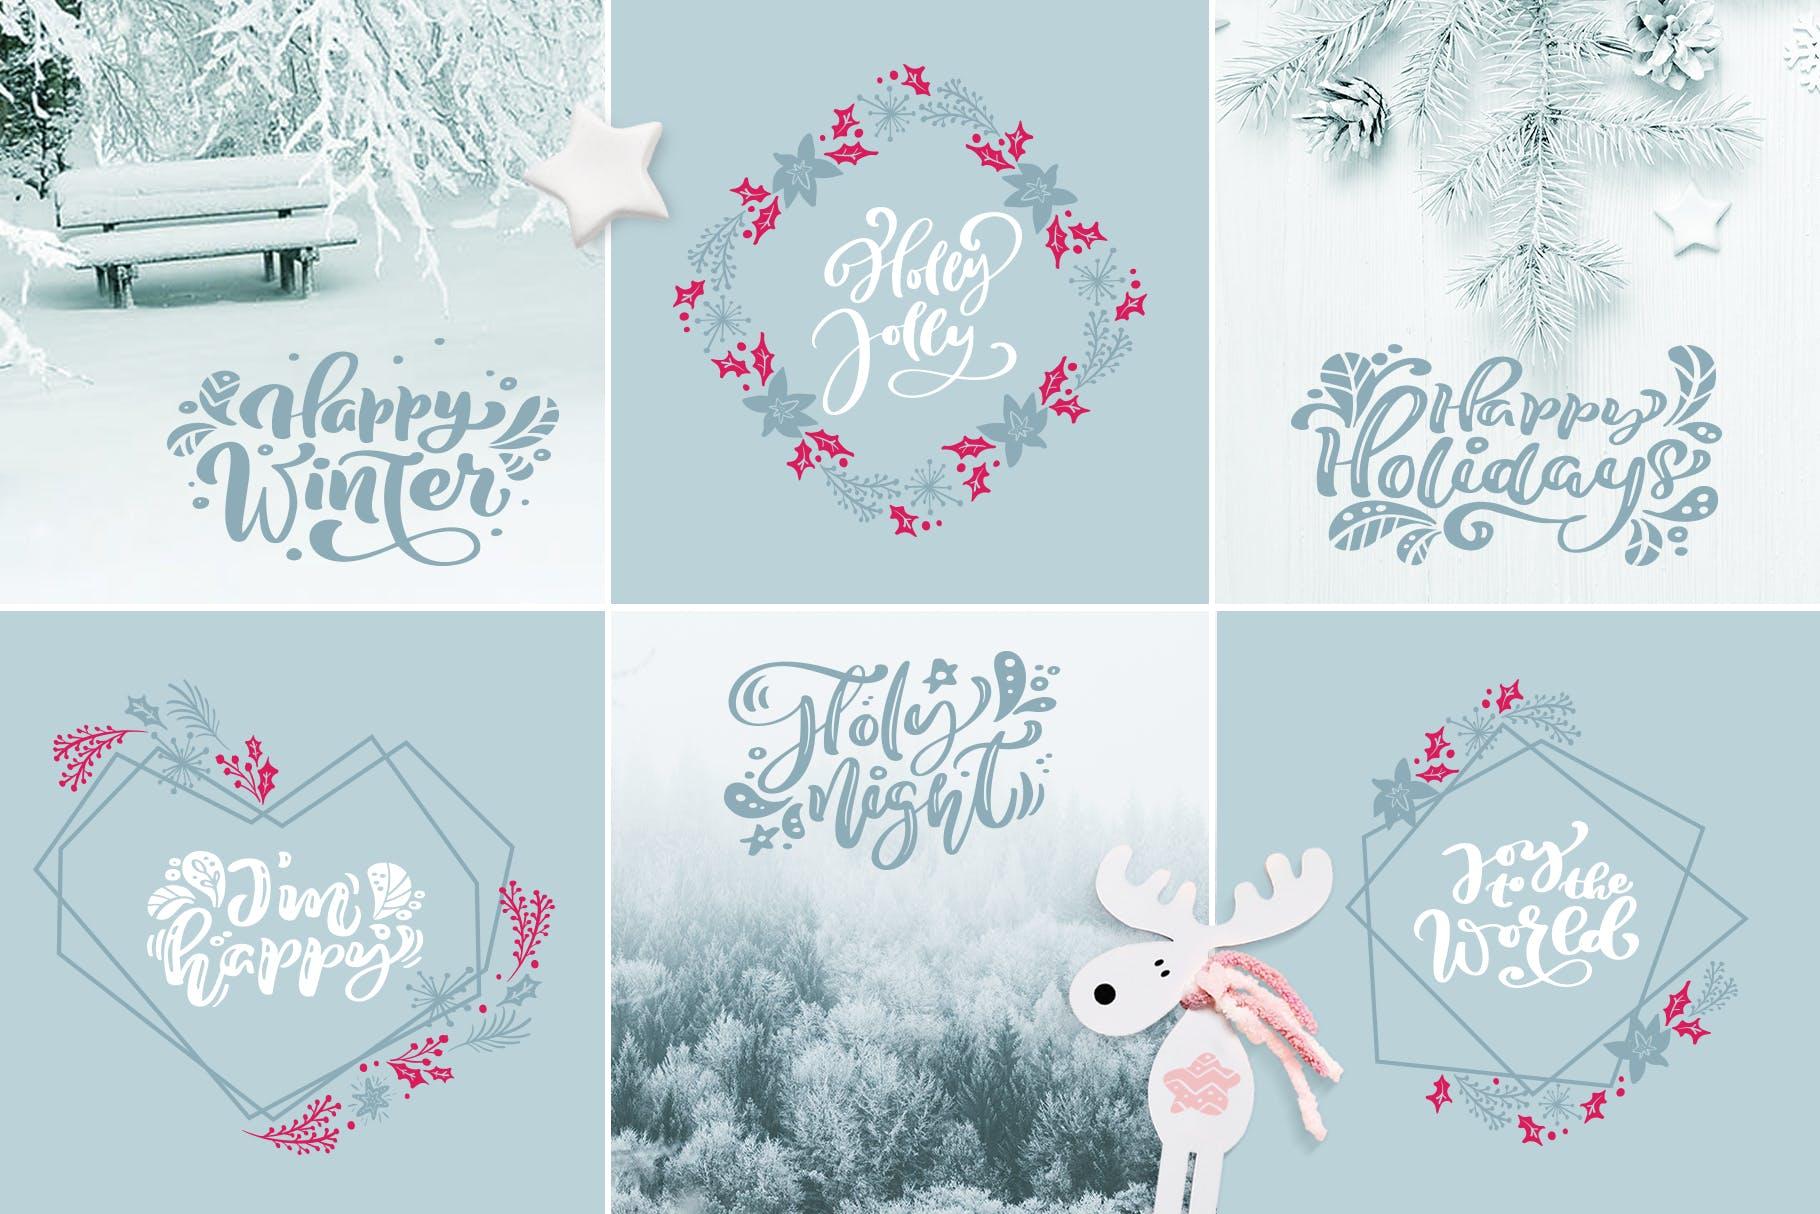 圣诞节元素雪花/星星/手套/礼物图案花纹装饰图案模板Christmas lettering quotes design插图(1)